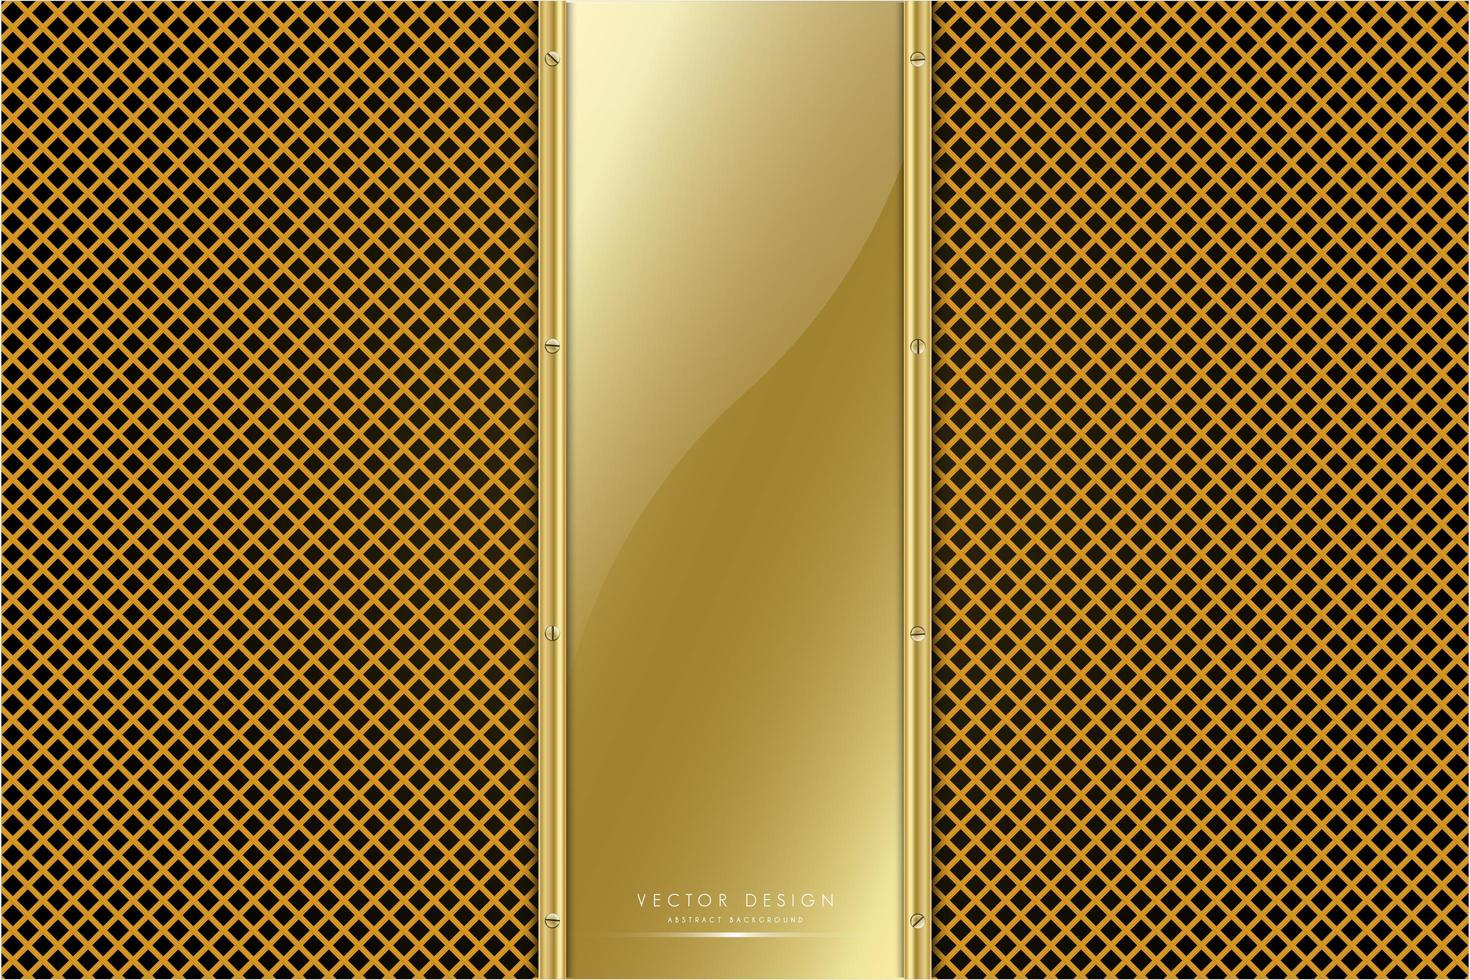 panneau en or métallique avec texture de ligne dorée vecteur